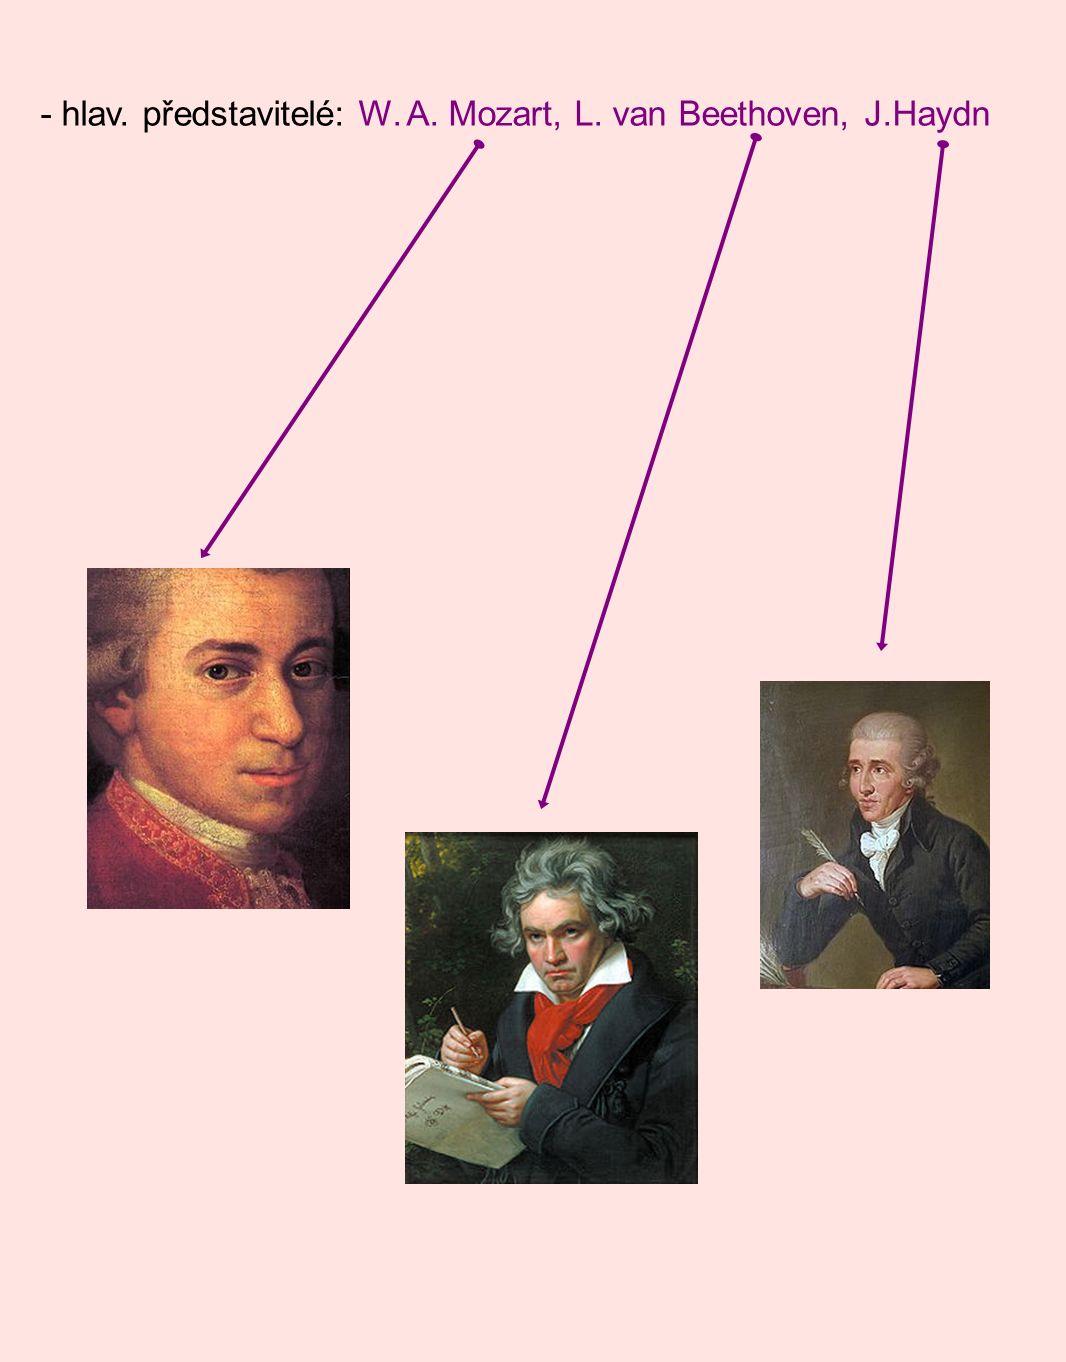 Wolfgang Amadeus Mozart (1756 - 1791) - narodil se v Salcburku (Rakousko) - od dětství komponoval a koncertoval - v 18ti letech složil na 200 děl - hudební génius (626 děl) - r.1786 působil v Praze Salcburk